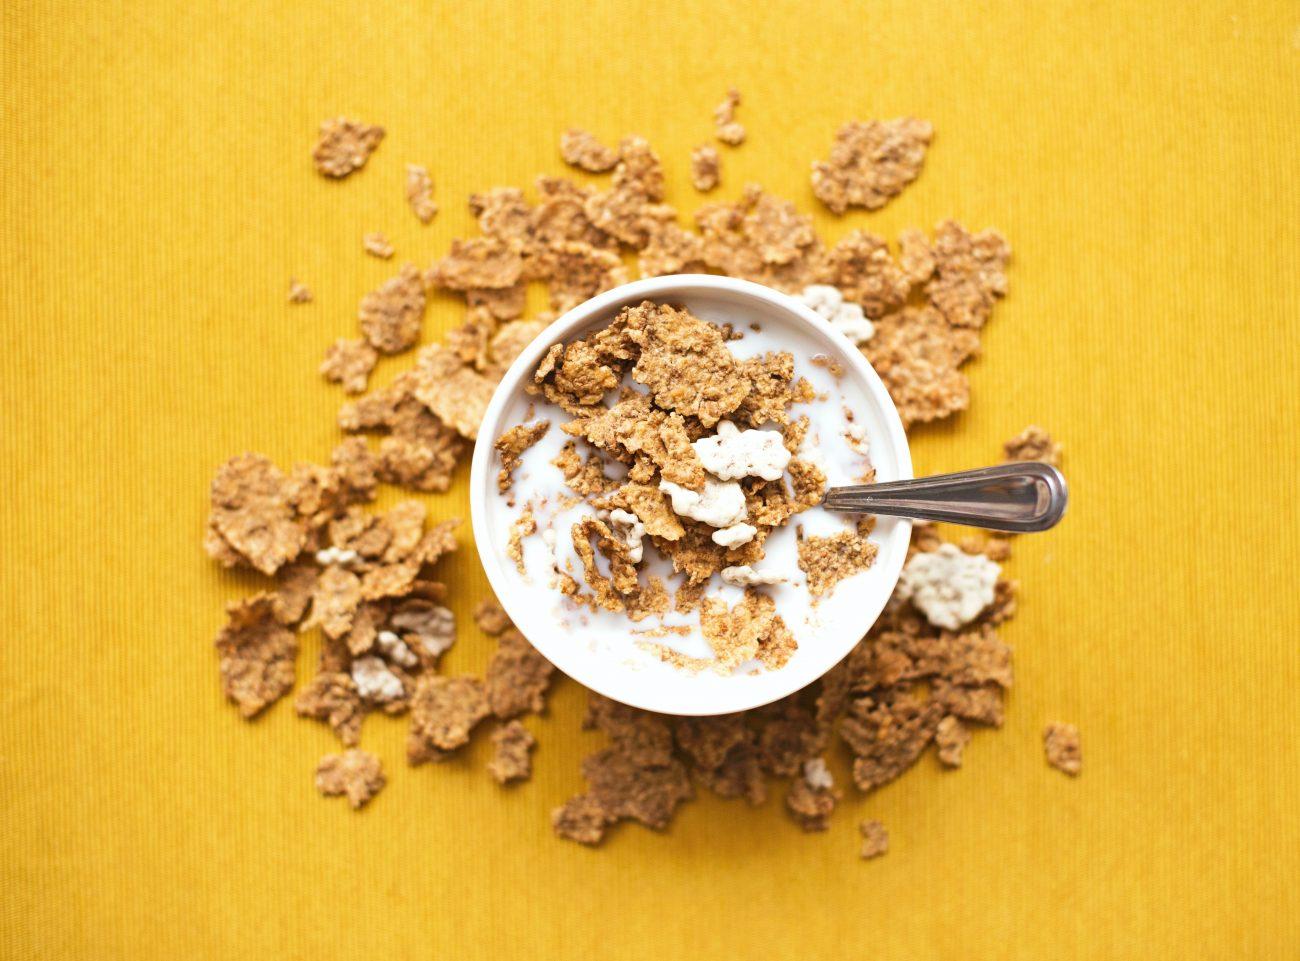 cele mai bune cereale fara gluten